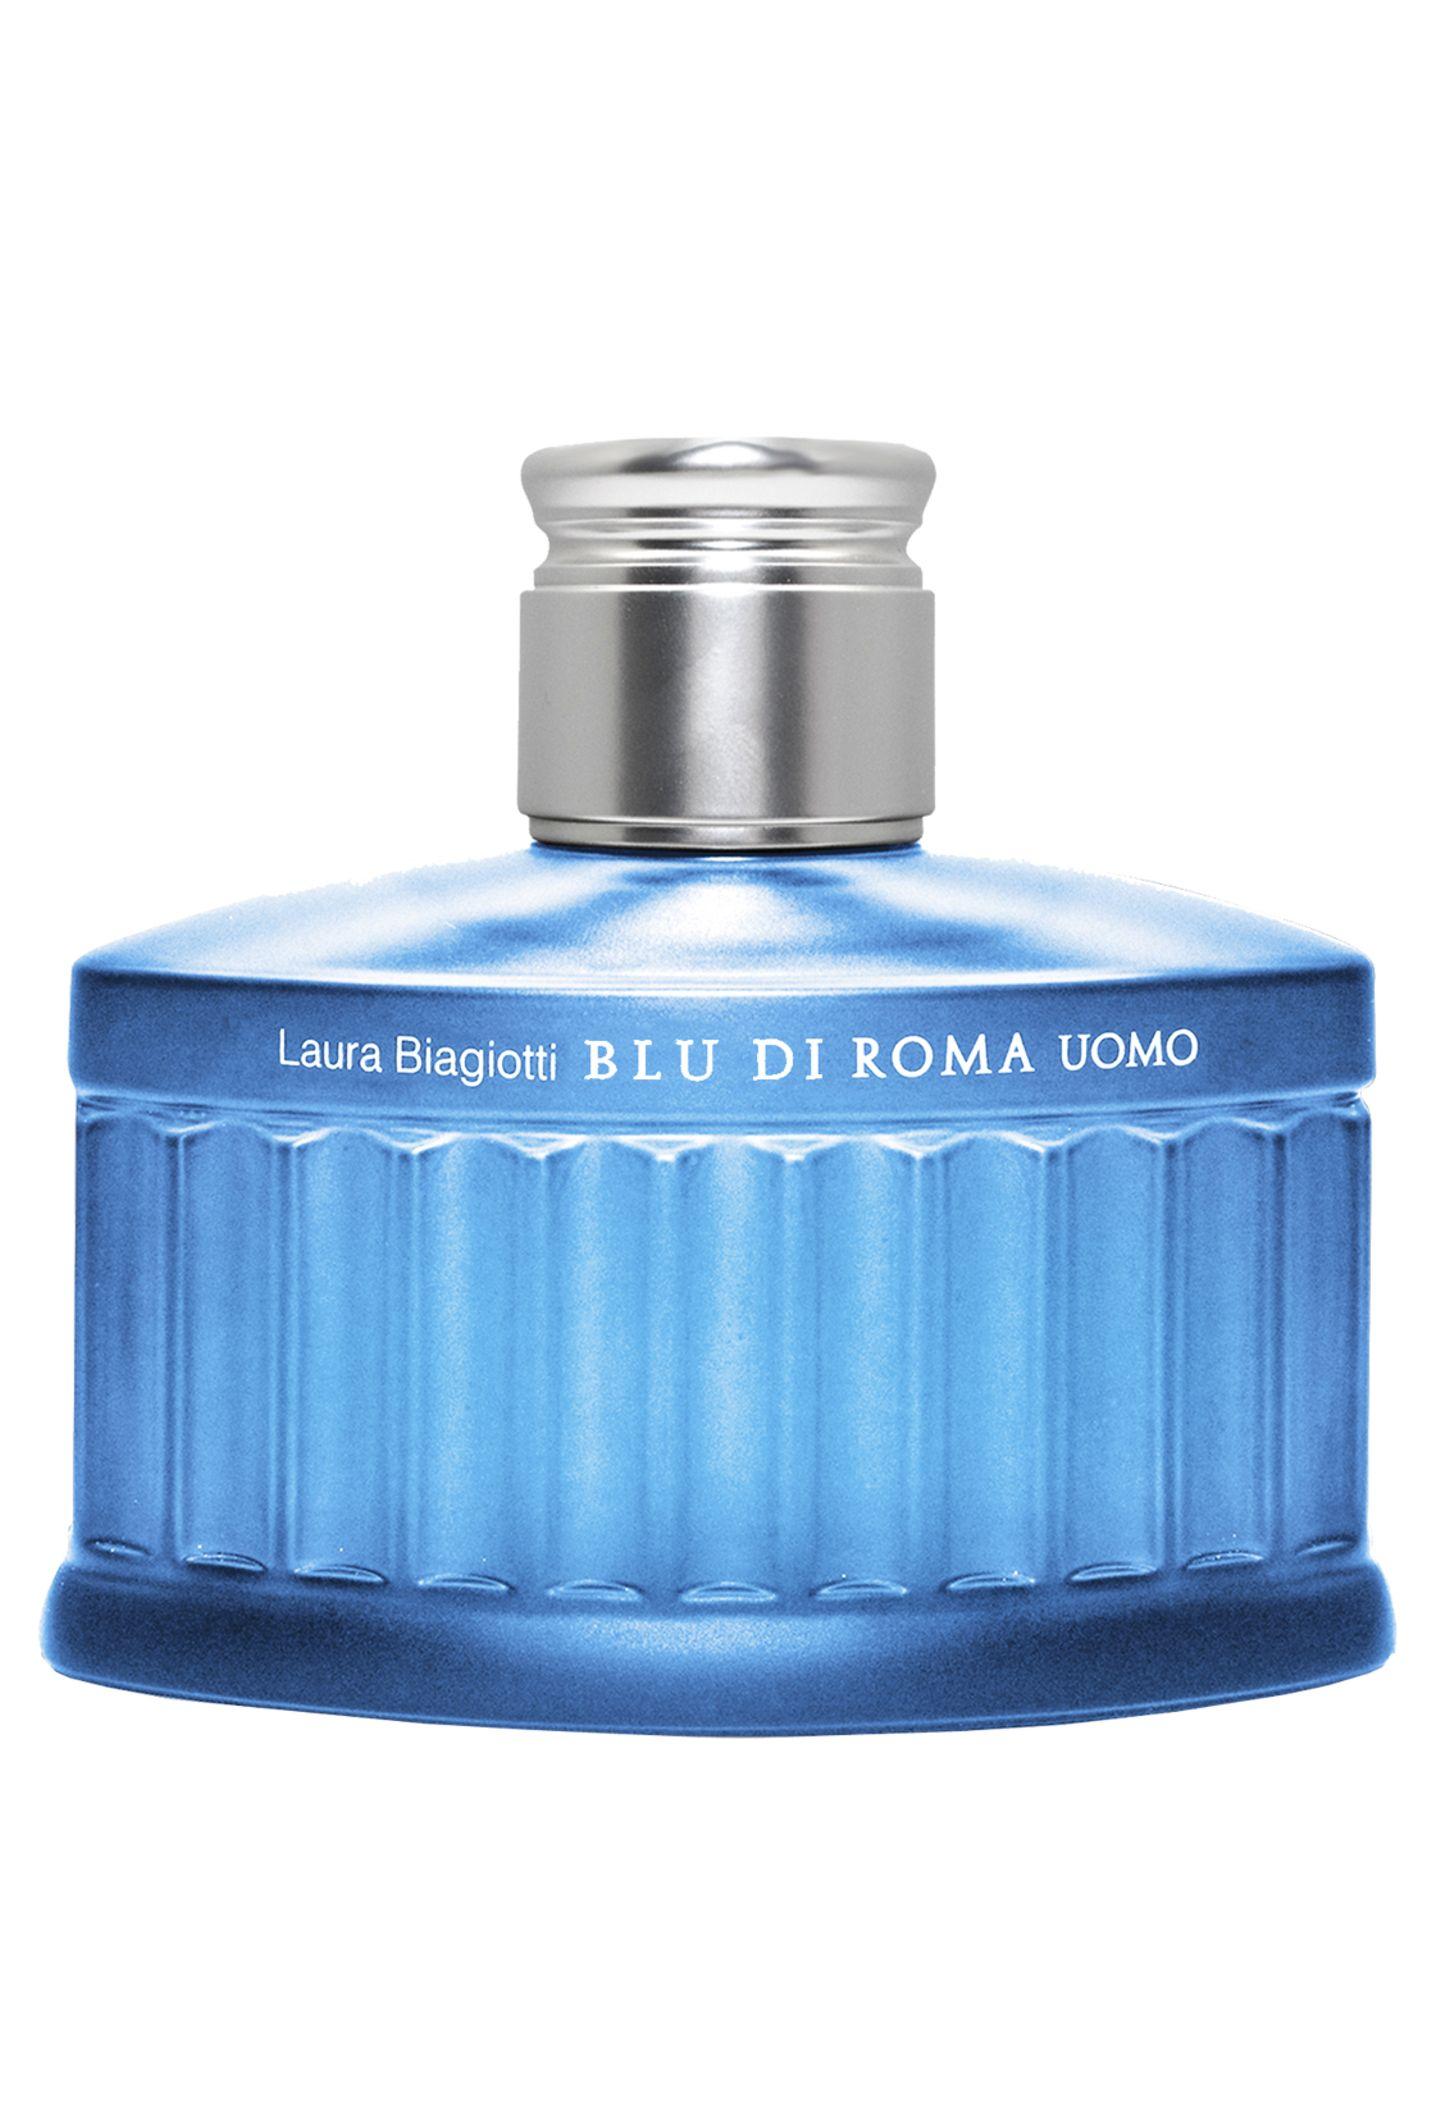 """Die leichten Noten von """"Blu di Roma Uomo"""" verströmen Urlaubsflair. Von Laura Biagiotti, EdT, 75 ml, ca. 53 Euro"""